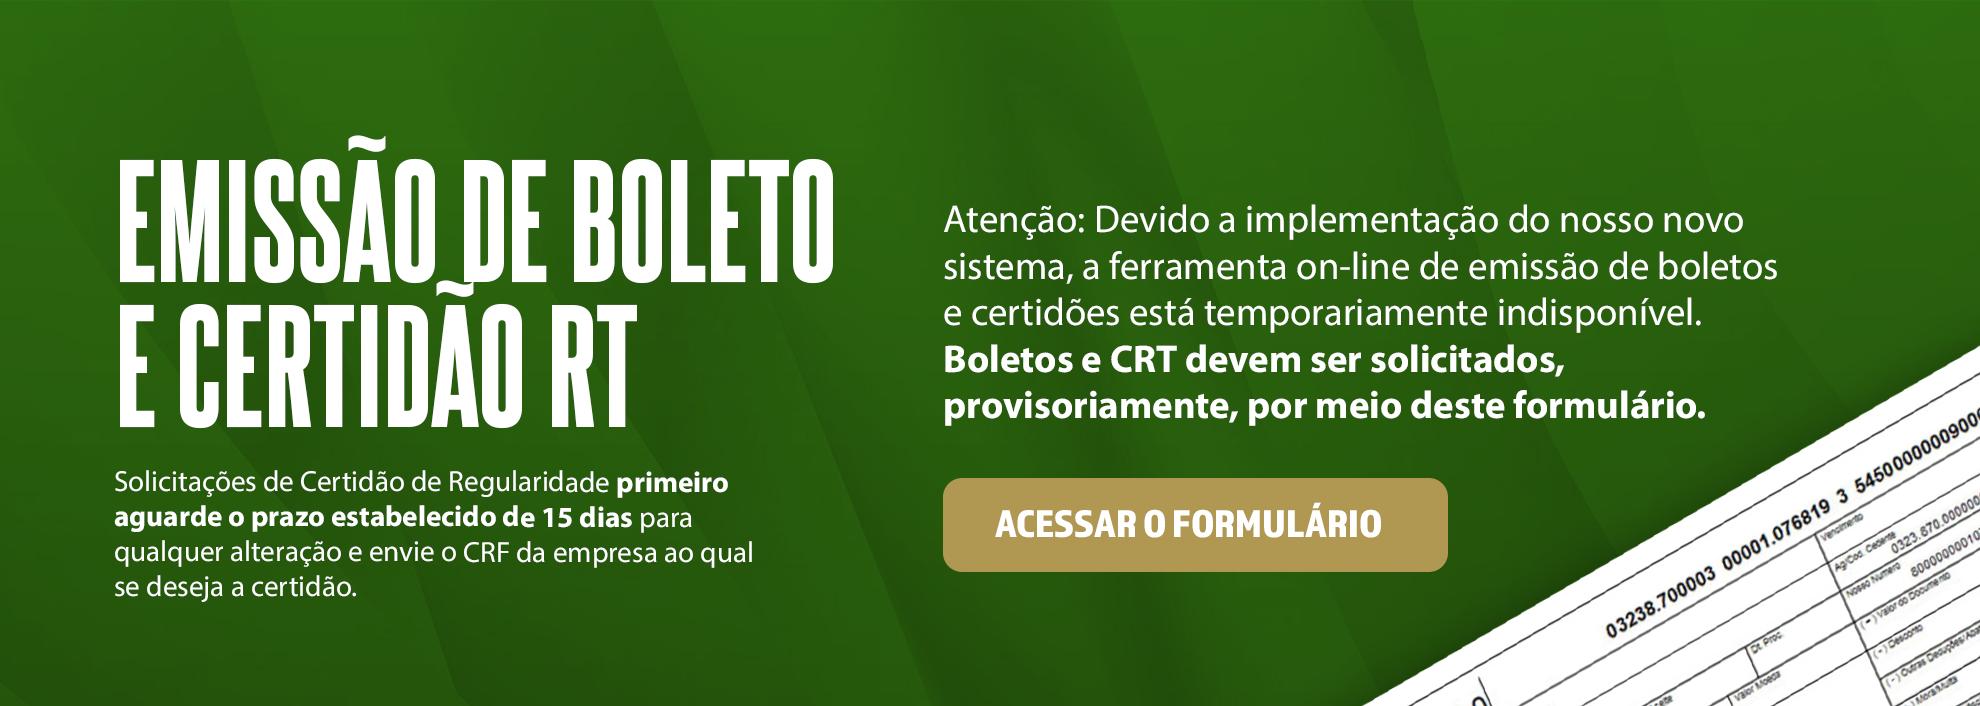 Modelo_Boletos03